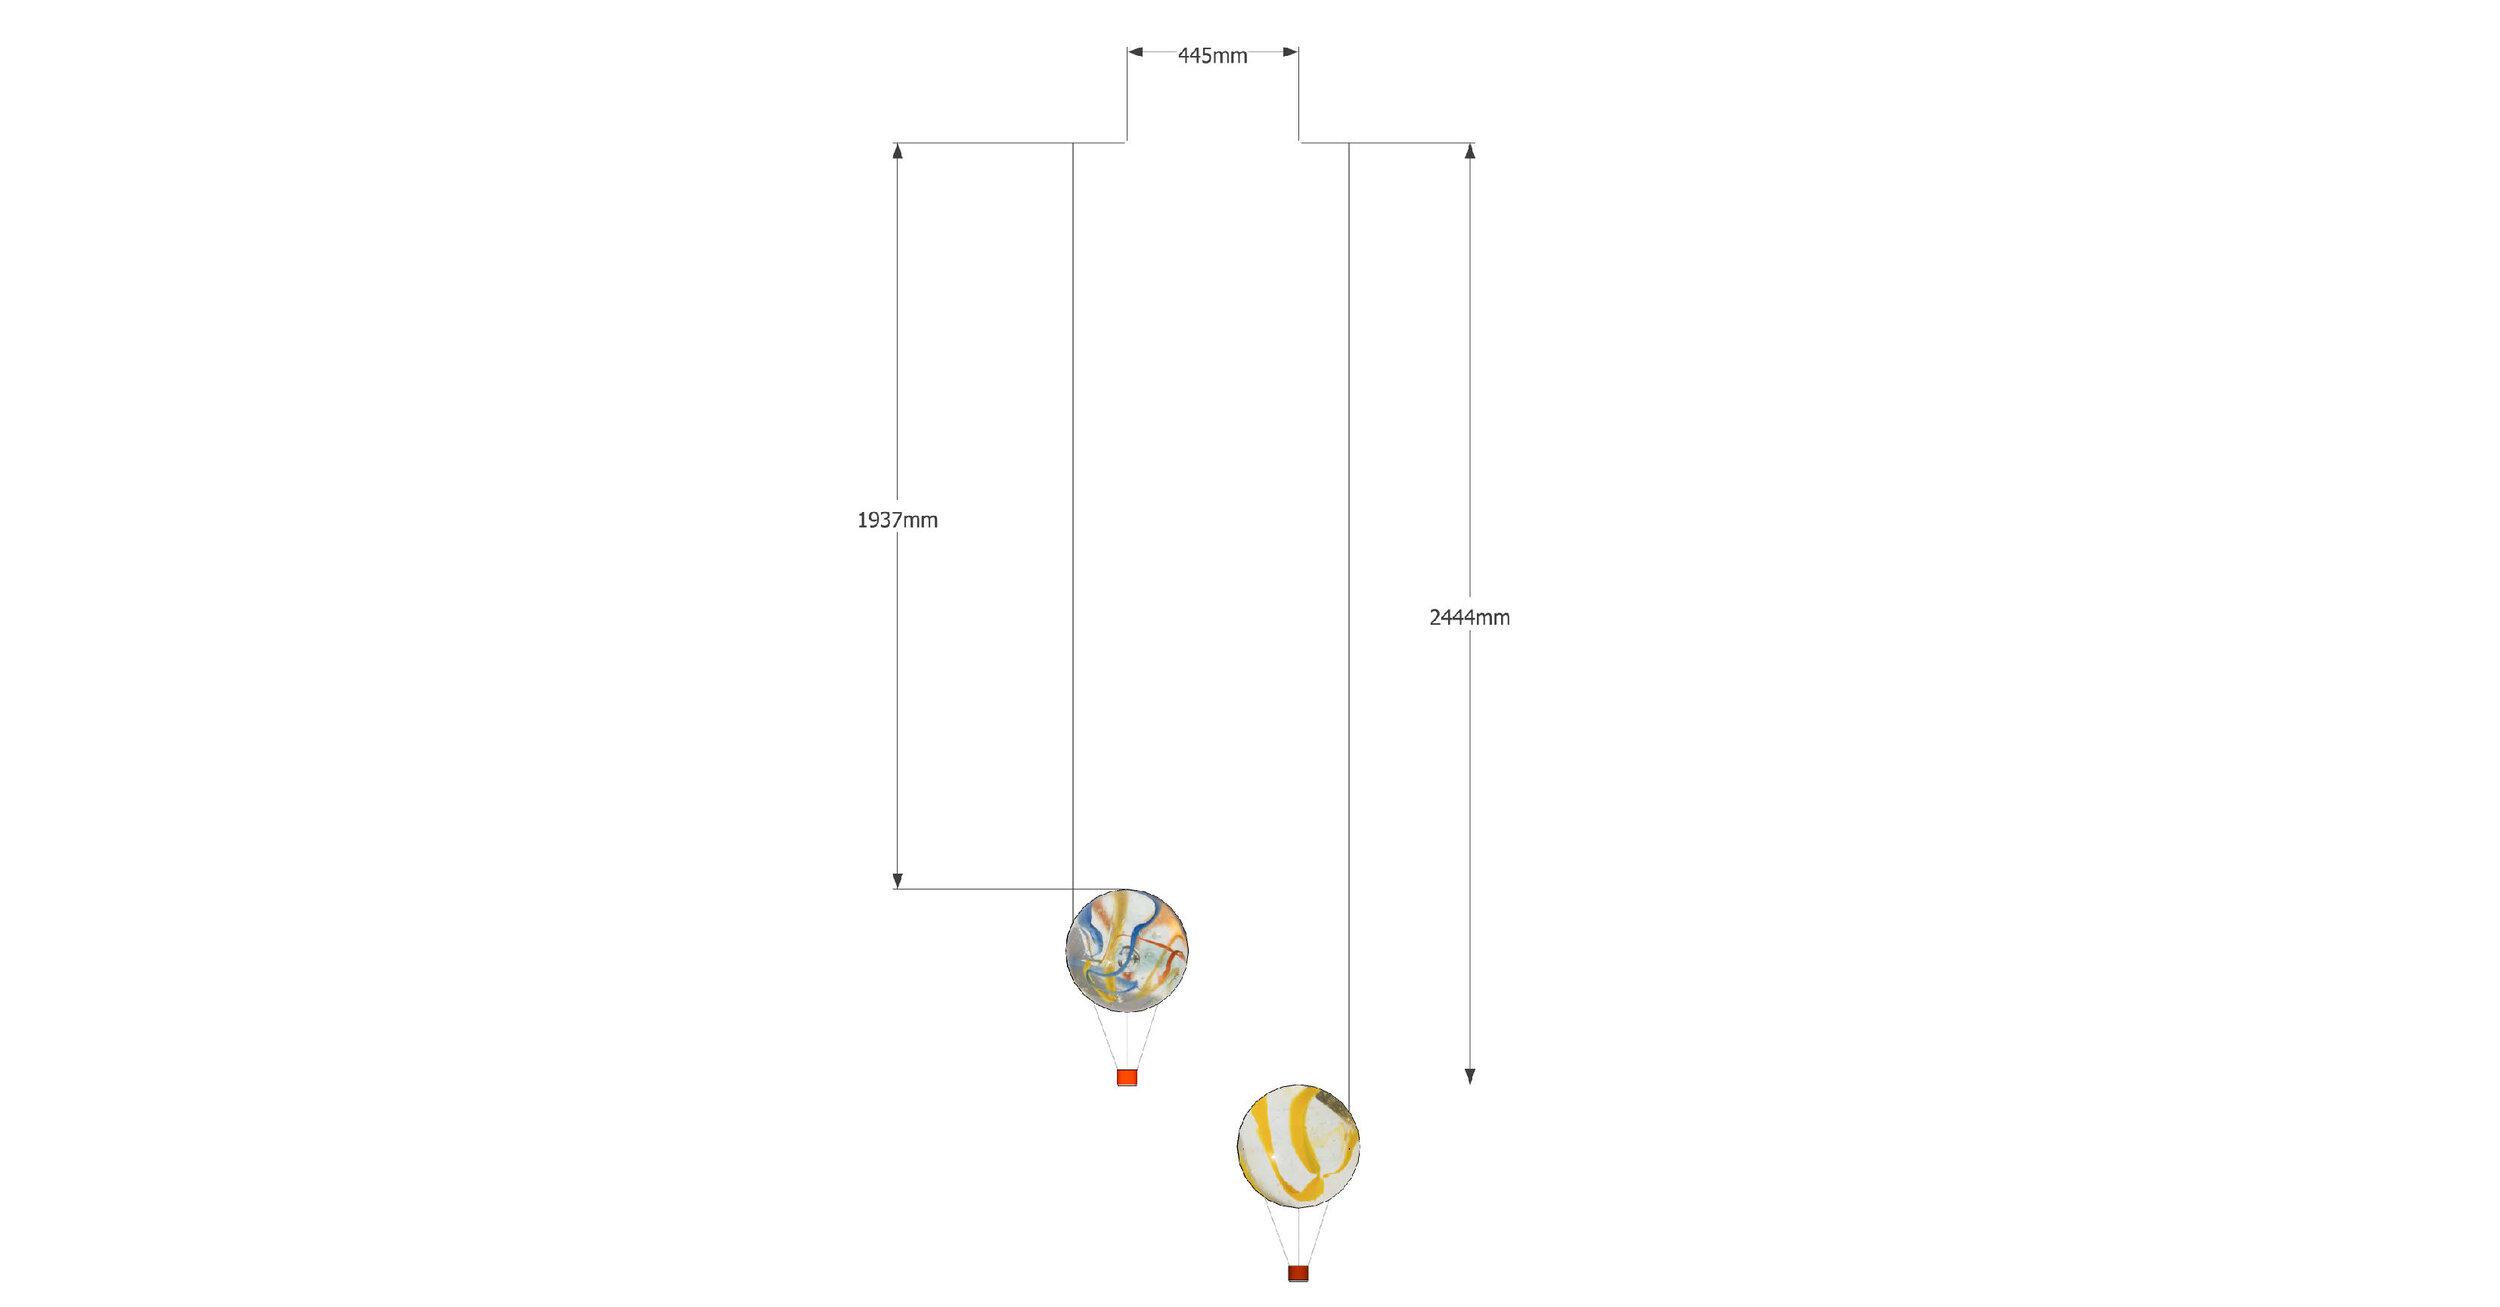 Hermès_Dimensions_Window 1_Revised_Page_04.jpg